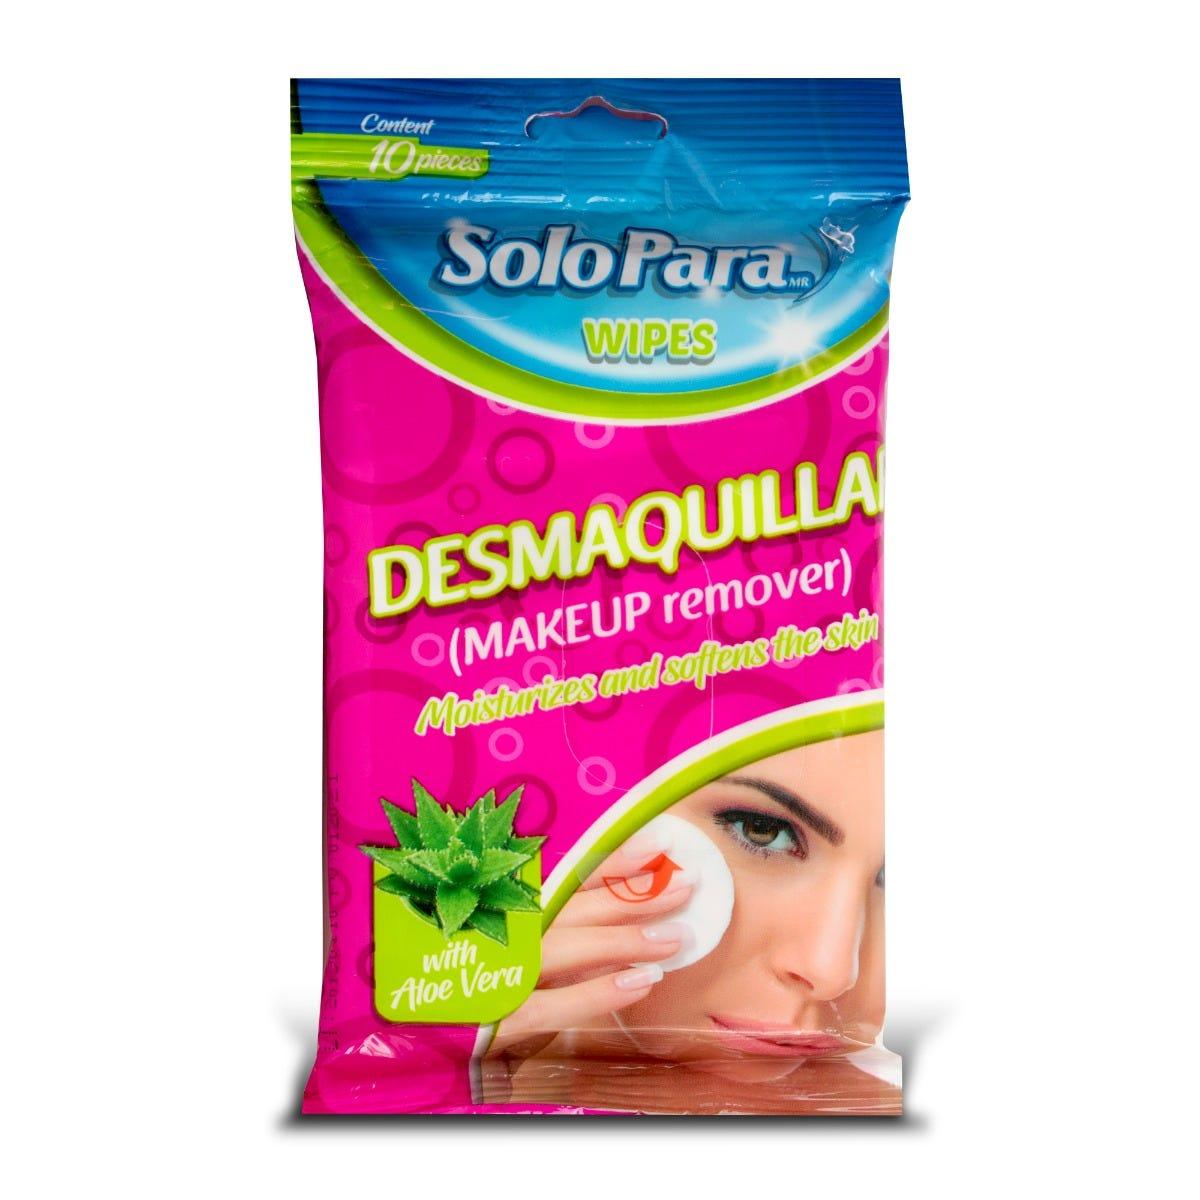 Toallitas desmaquillantes SoloPara® con aloe vera